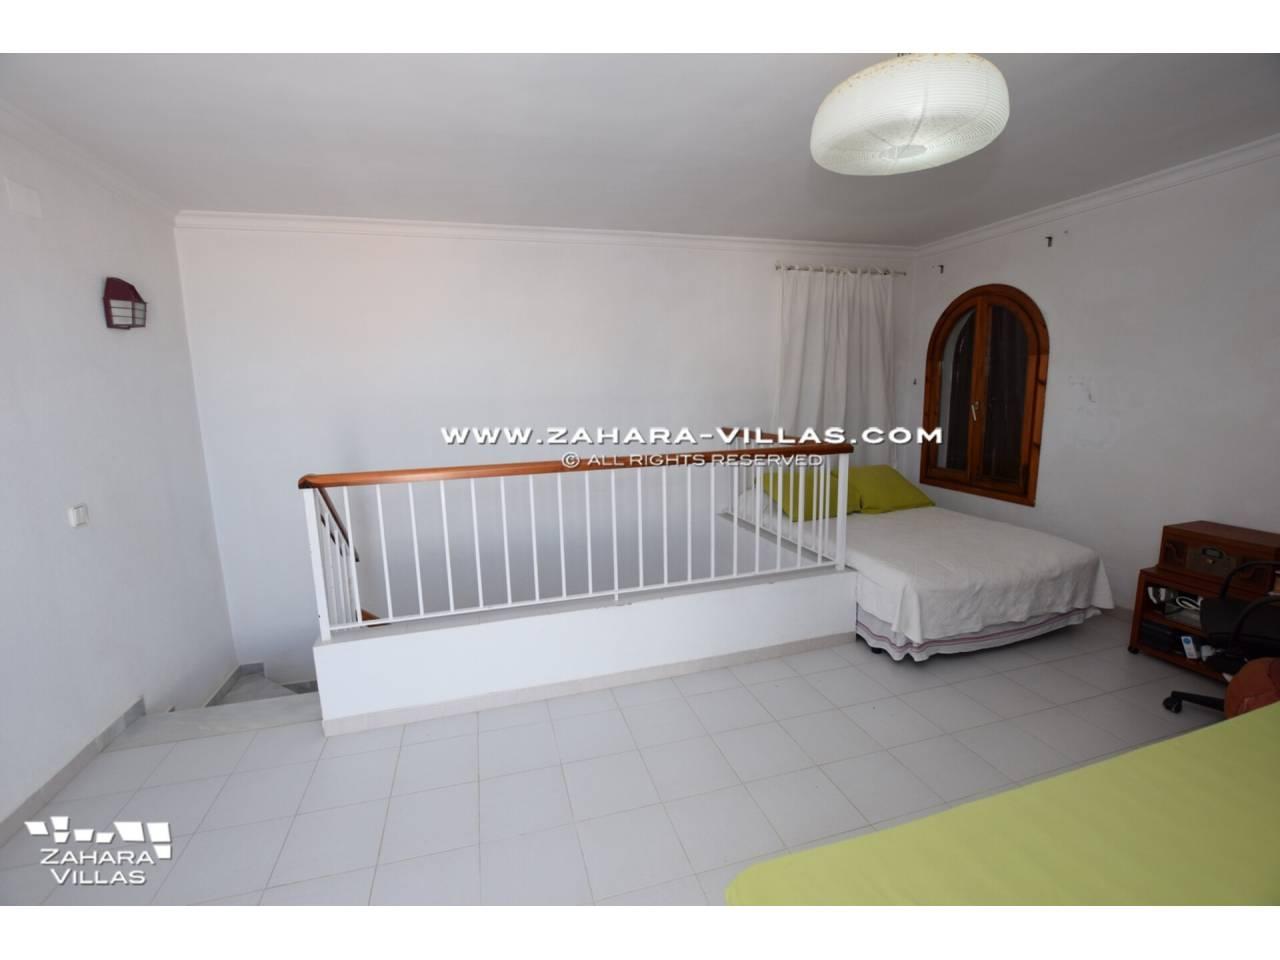 Imagen 35 de Casa en venta en segunda línea de playa, con vistas al mar en Zahara de los Atunes